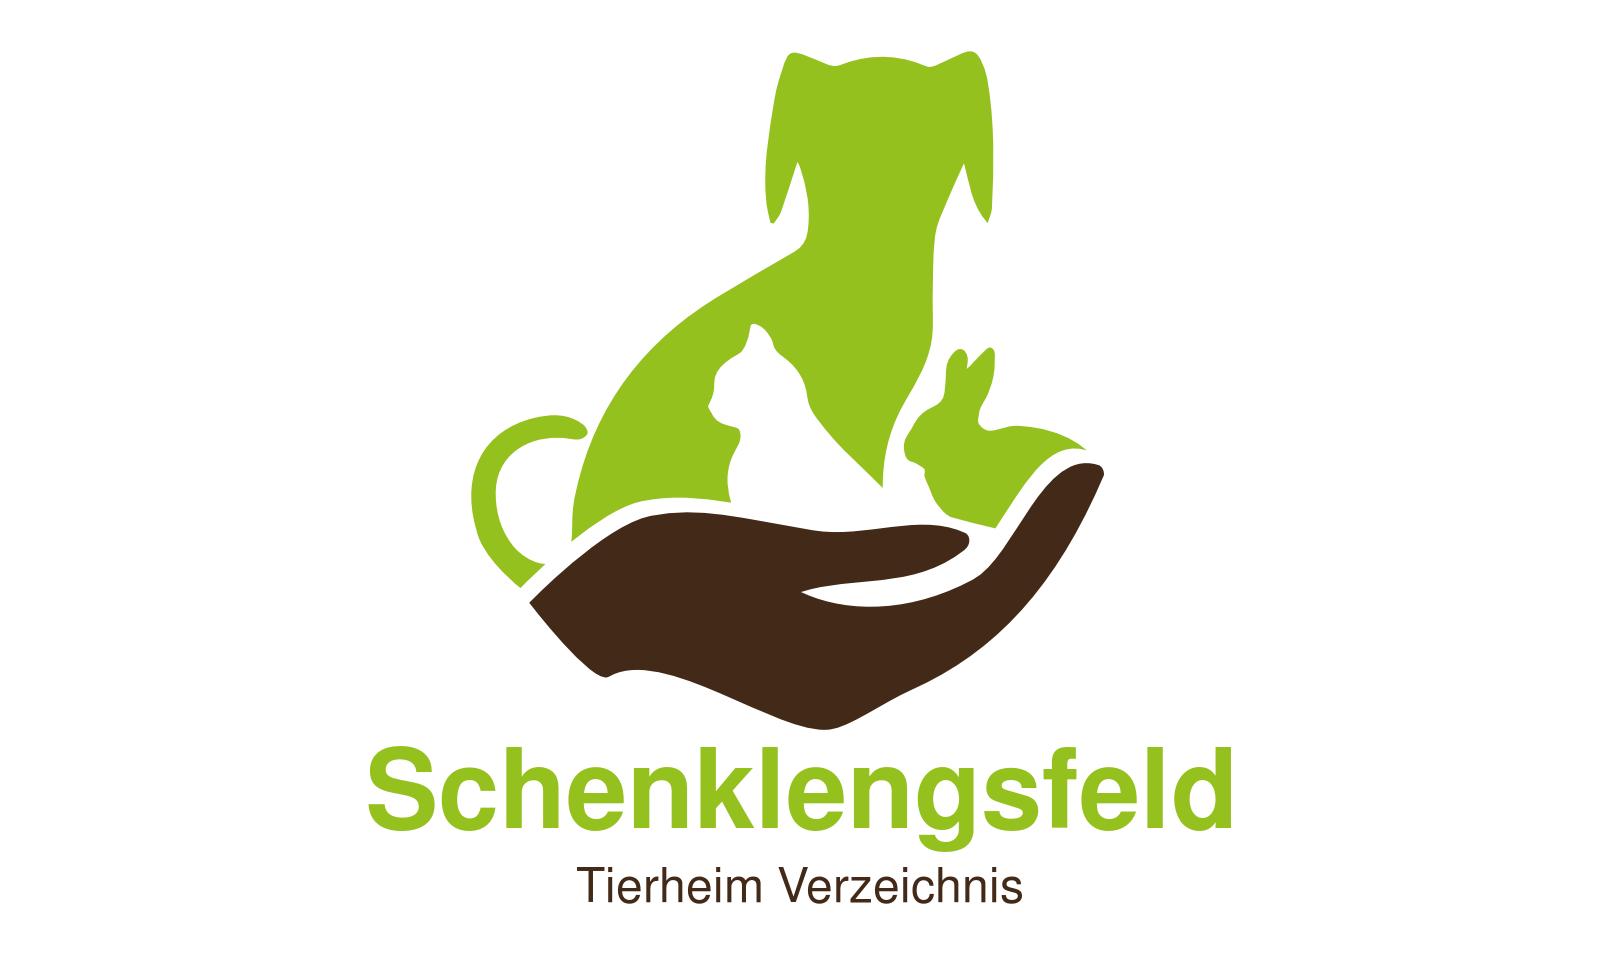 Tierheim Schenklengsfeld